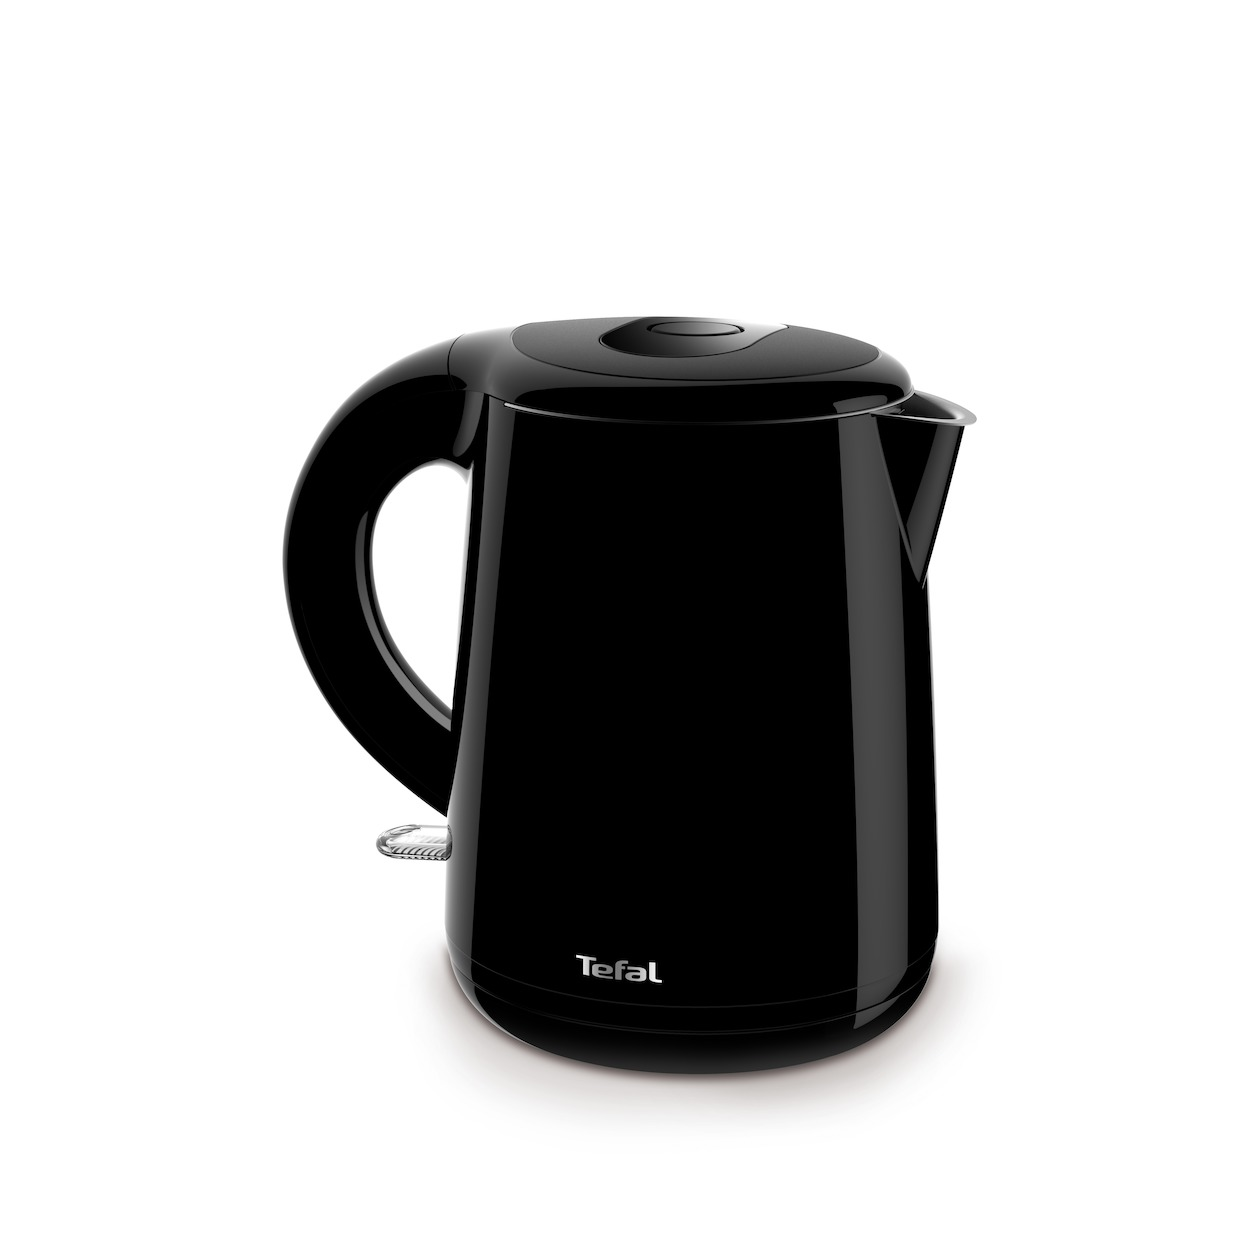 Tefal waterkoker KO2618 zwart - Prijsvergelijk